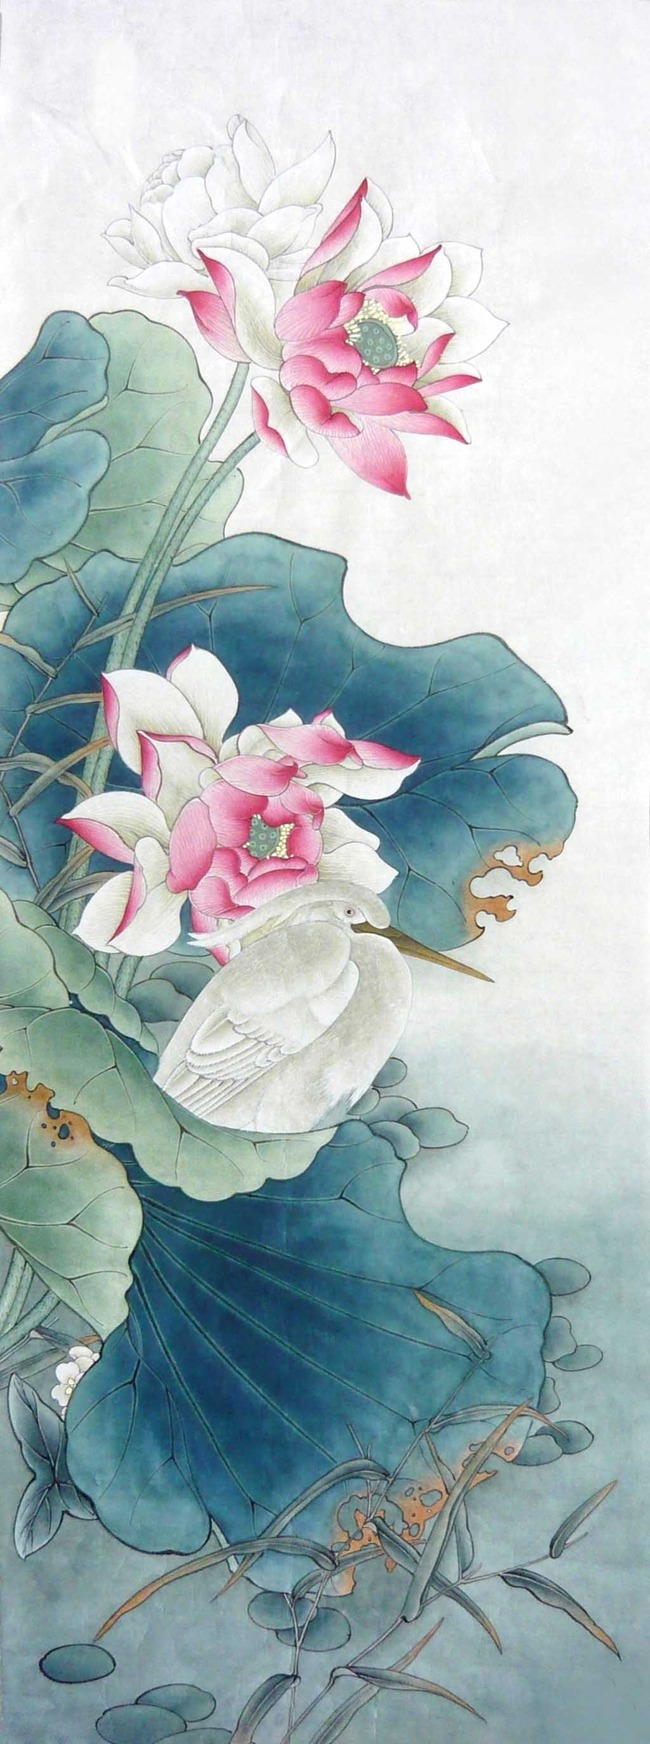 荷花莲花工笔花卉玄关背景墙